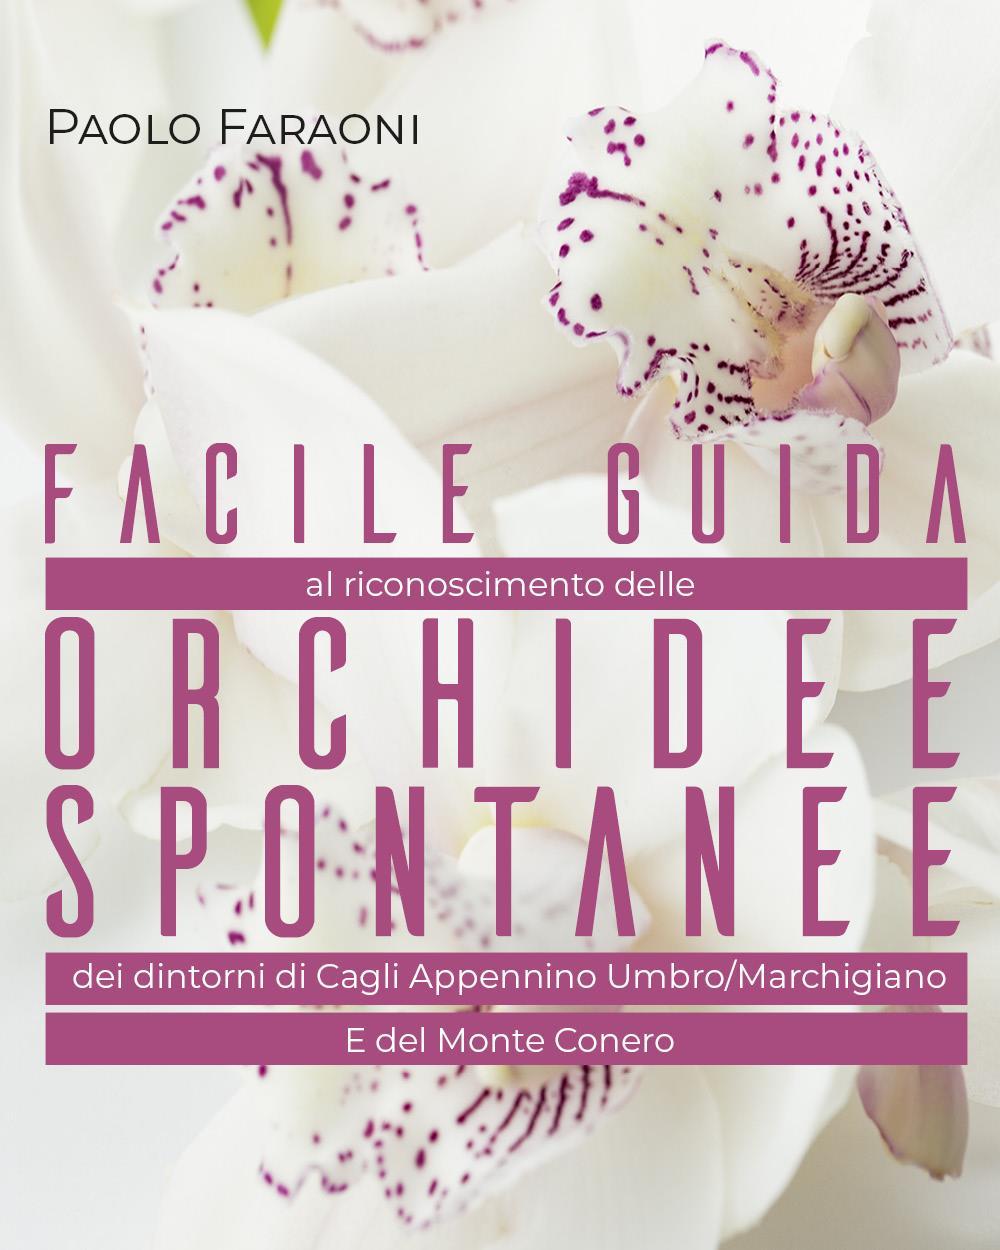 Facile guida al riconoscimento delle Orchidee spontanee dei dintorni di Cagli Appennino Umbro/Marchigiano E del Monte Conero